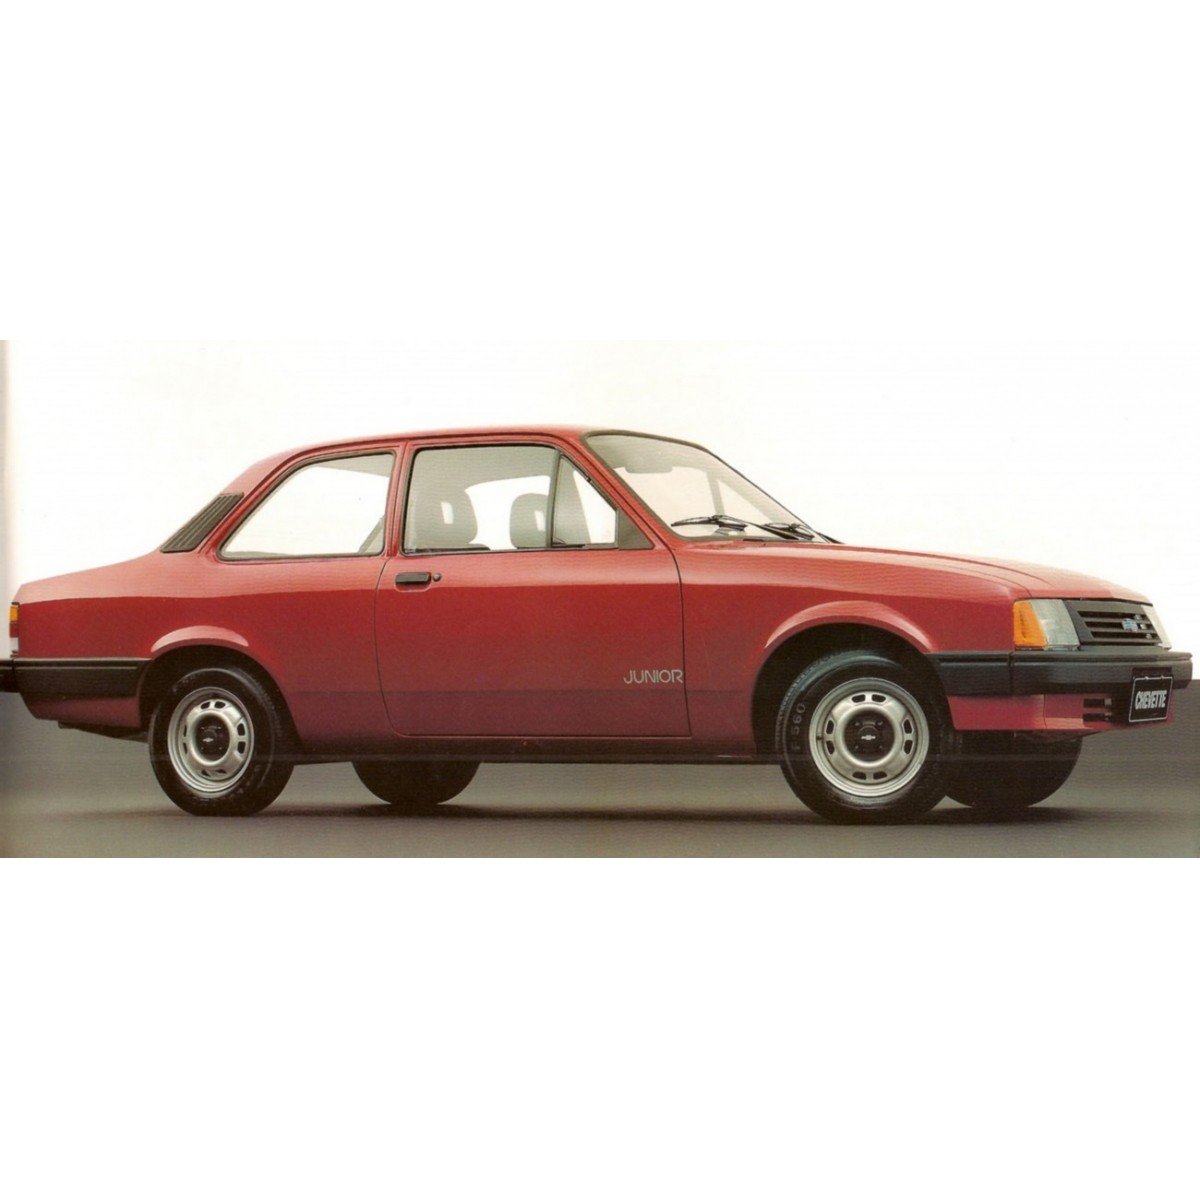 Adesivo Chevrolet Chevette Junior Cj001